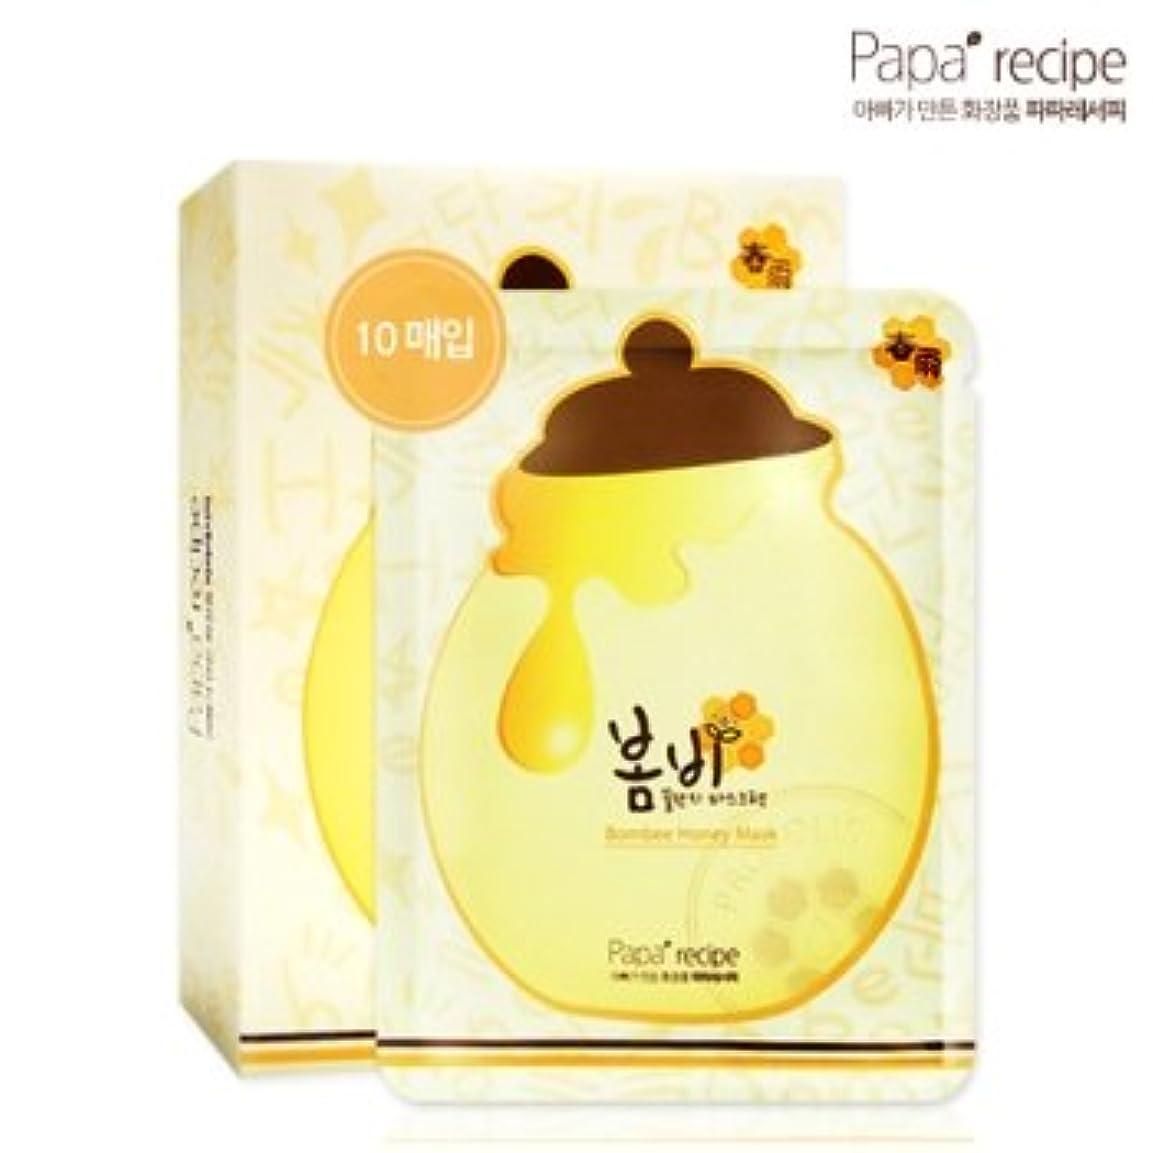 ラウンジリラックスした依存するパパレシピ(Paparecipe) 春雨蜜ツボマスクシート10枚(Paparecipe Bombee Honey Mask Sheet 10ea)[並行輸入品]